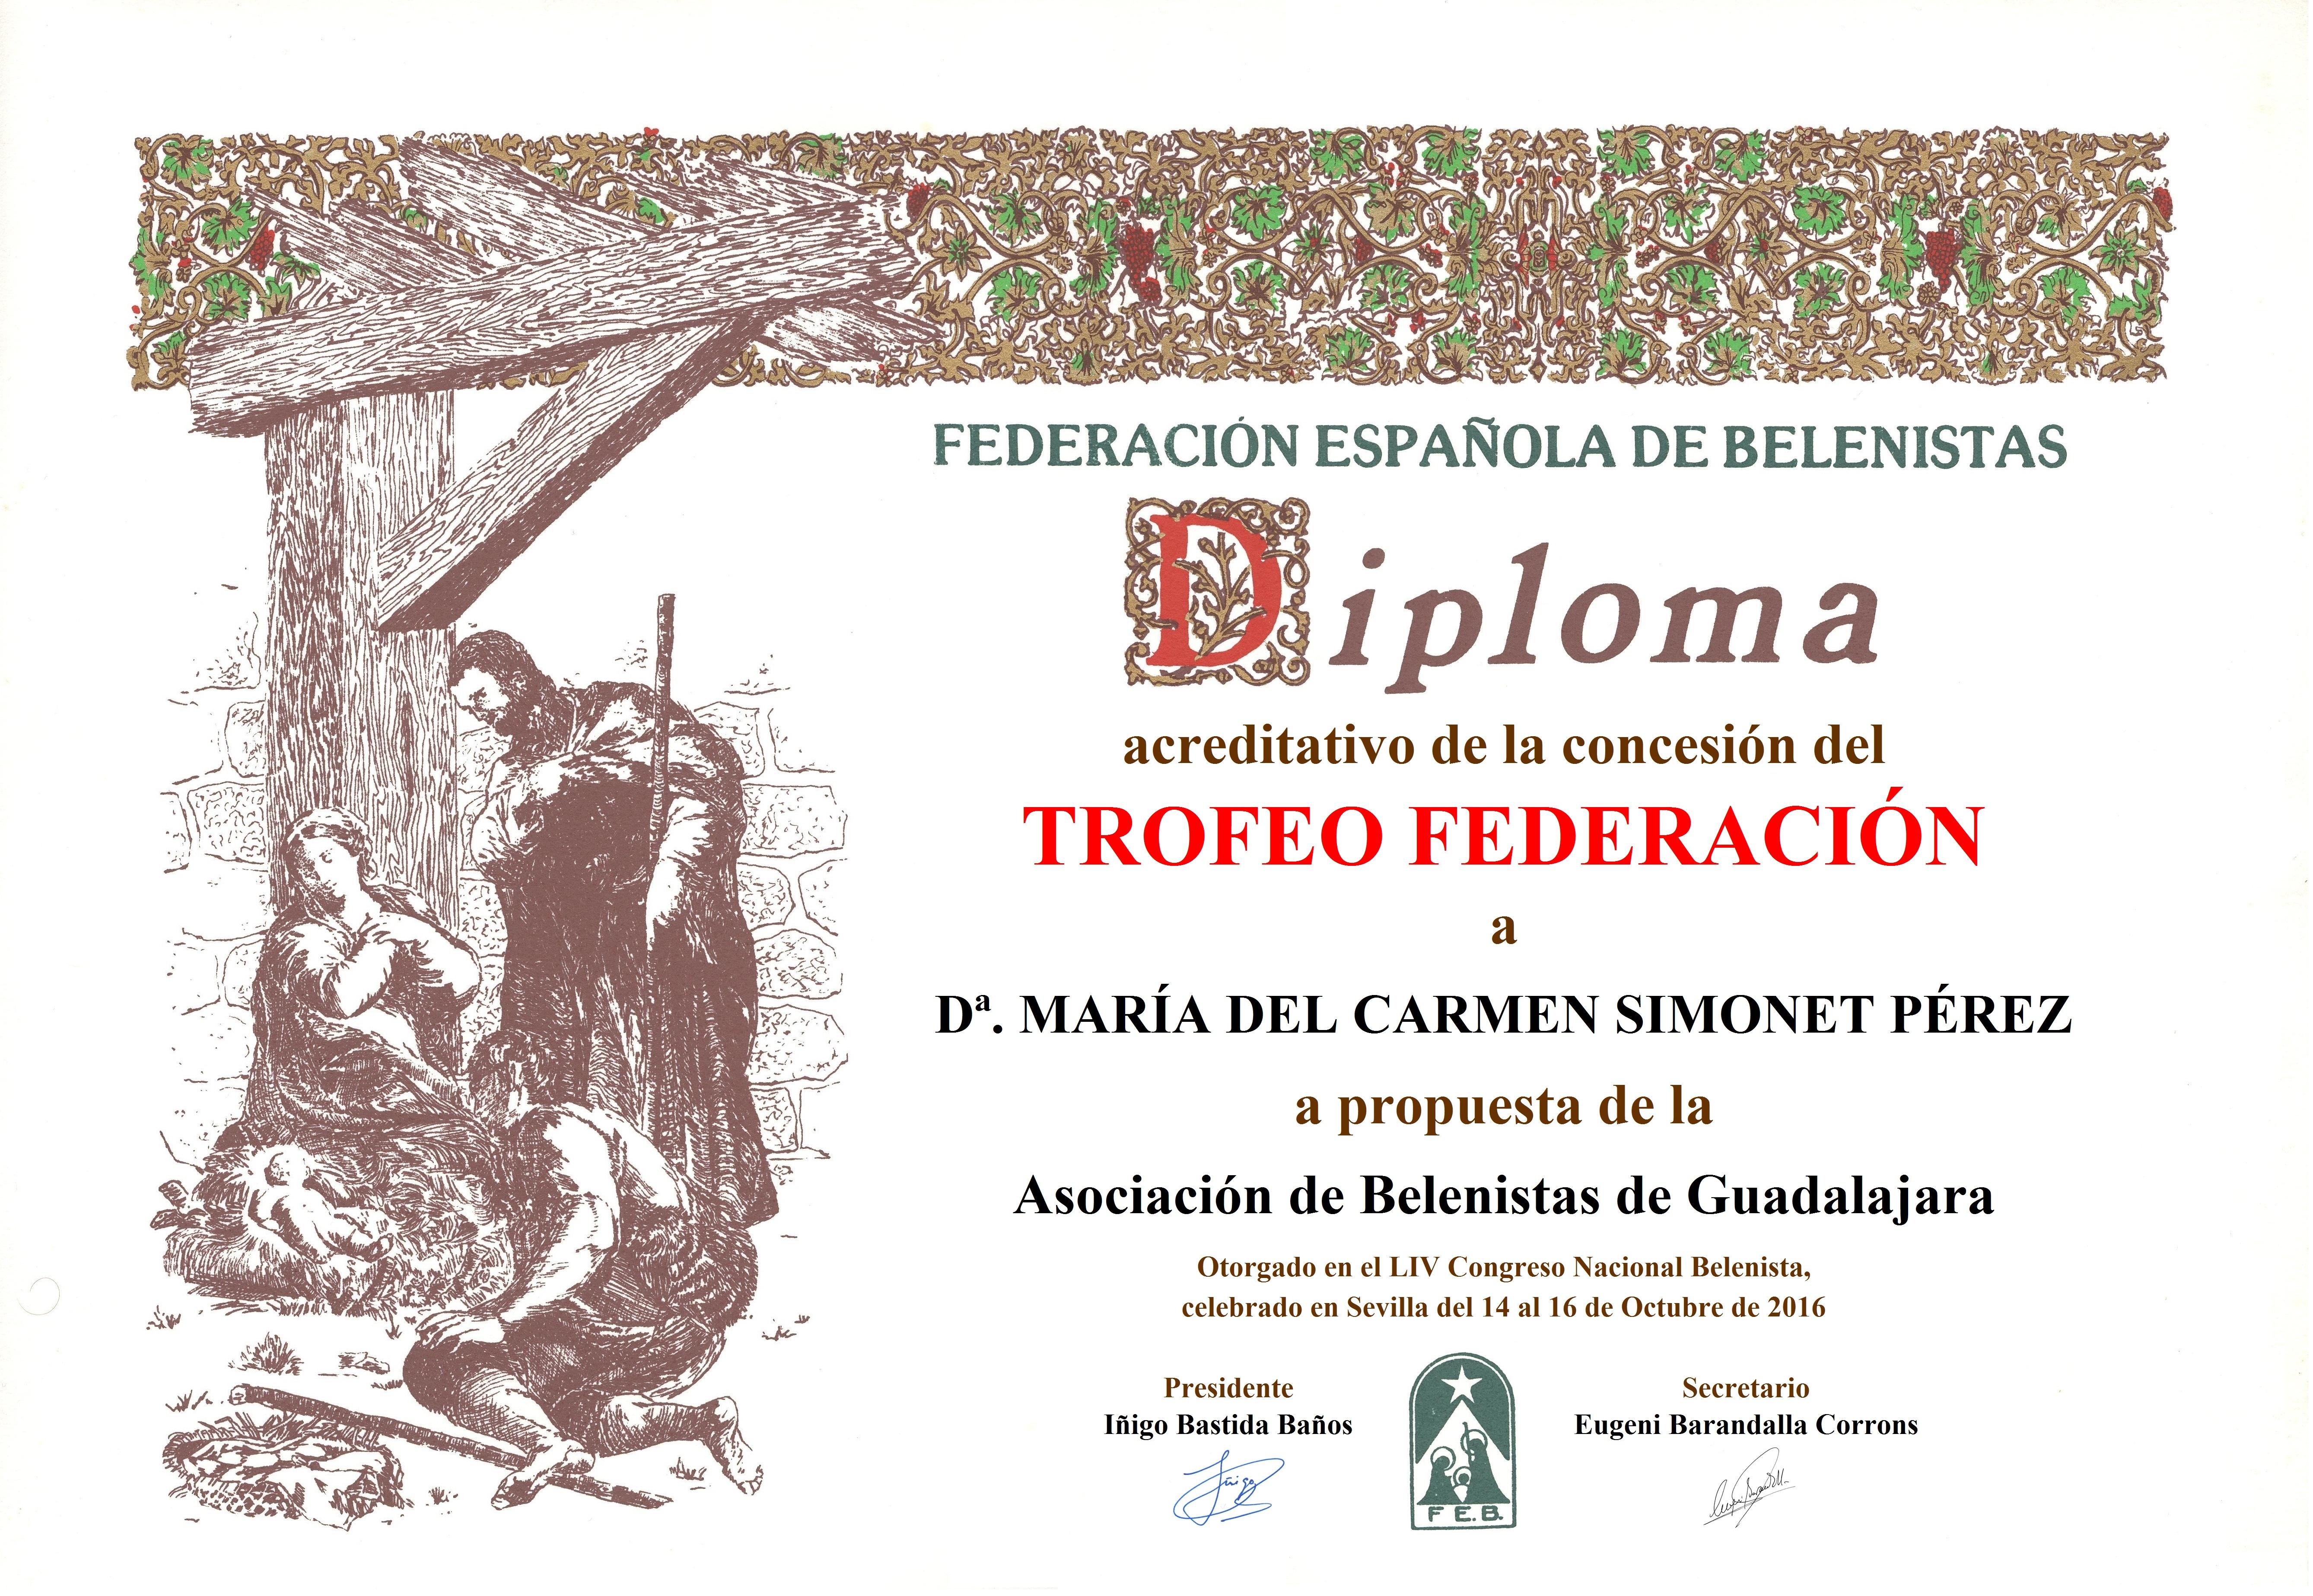 María del Carmen Simonet Pérez - Diploma Trofeo FEB 2016